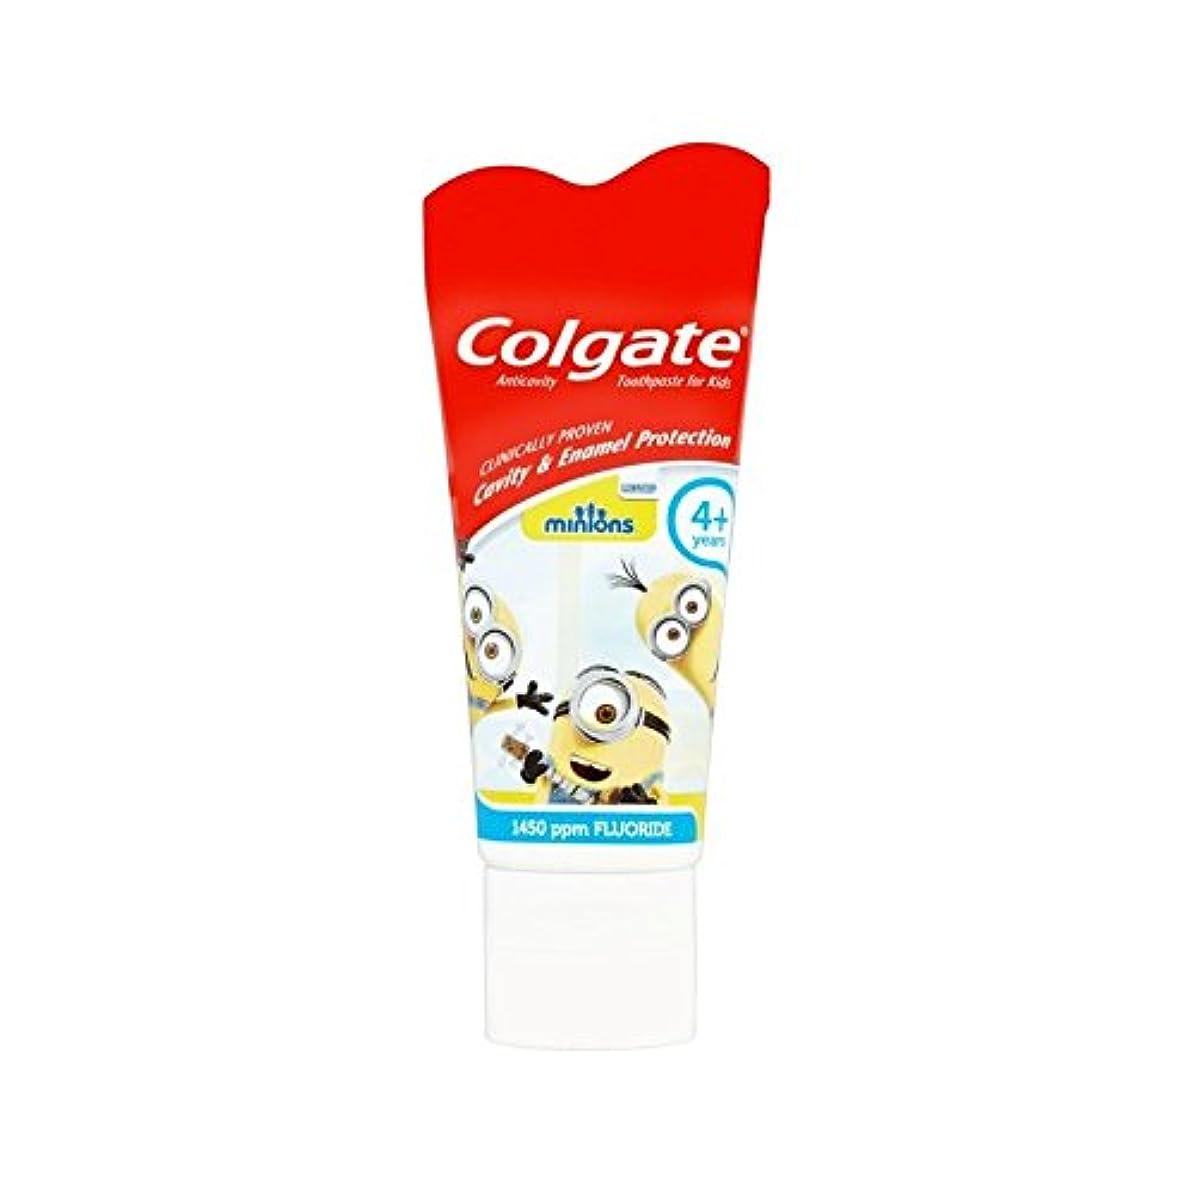 ピックコンプライアンスオープニング手下の子供4+歯磨き粉50ミリリットル (Colgate) (x 2) - Colgate Minions Kids 4+ Toothpaste 50ml (Pack of 2) [並行輸入品]